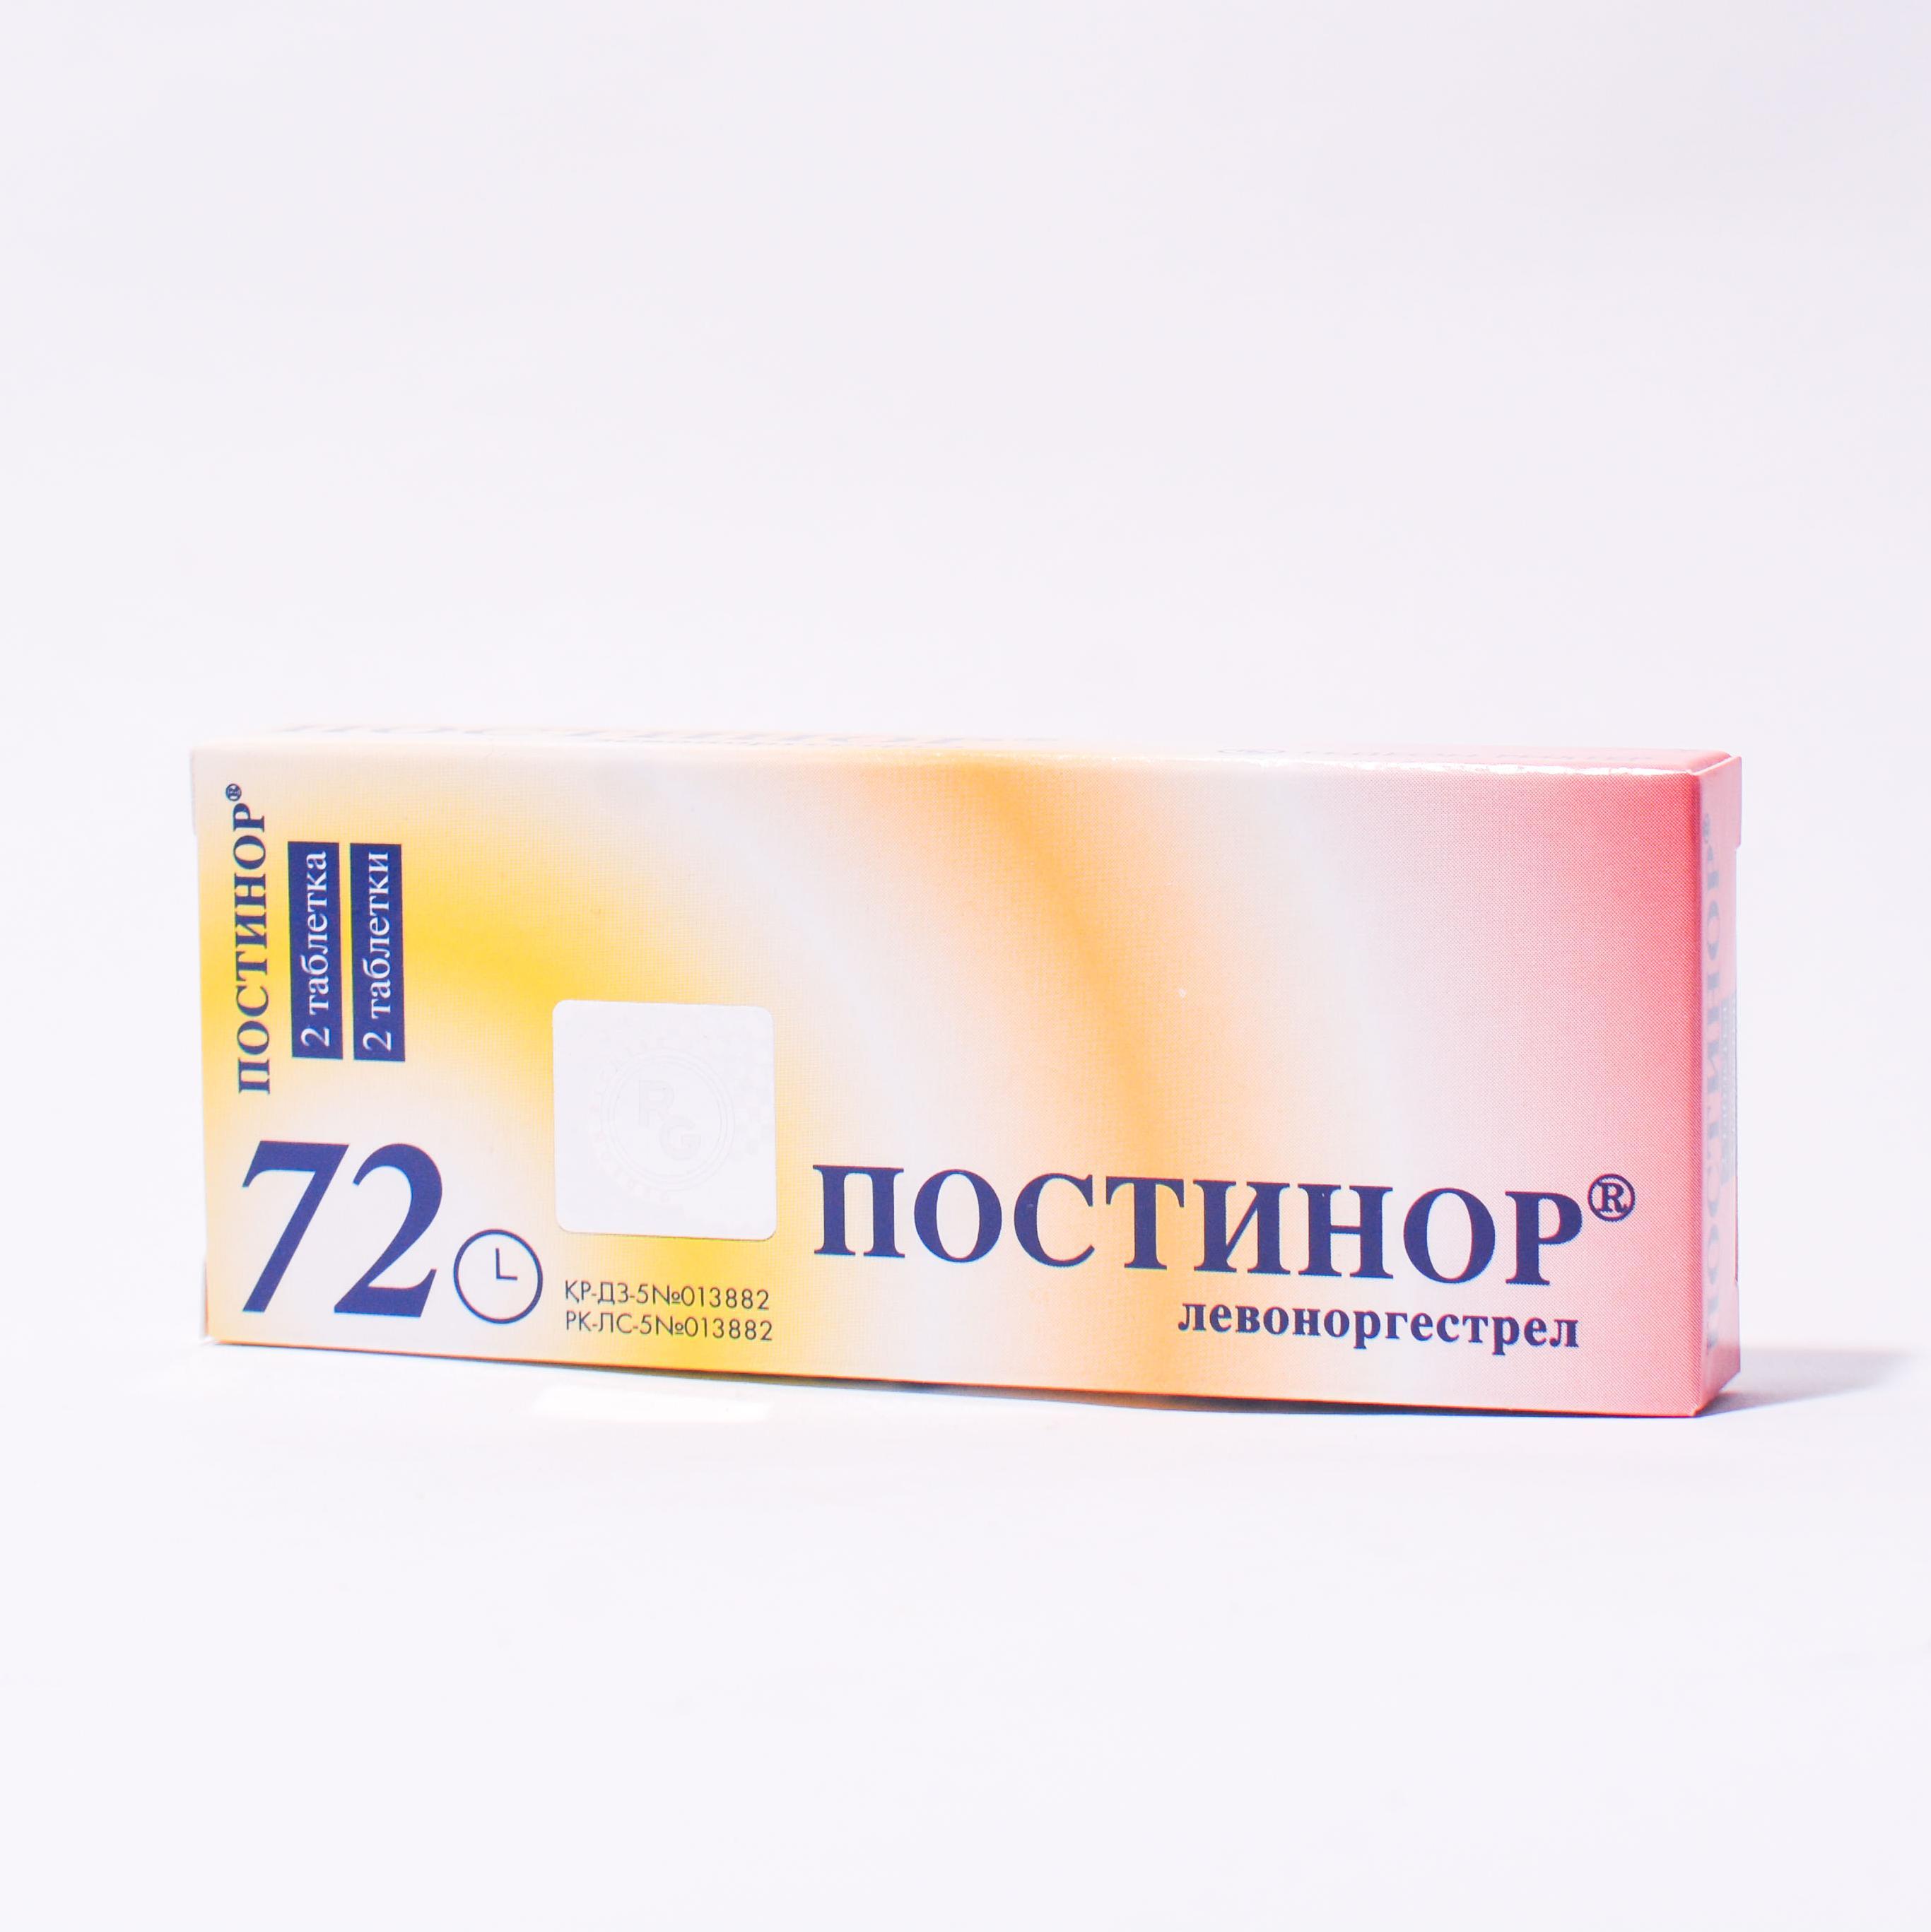 Постинор таблетки